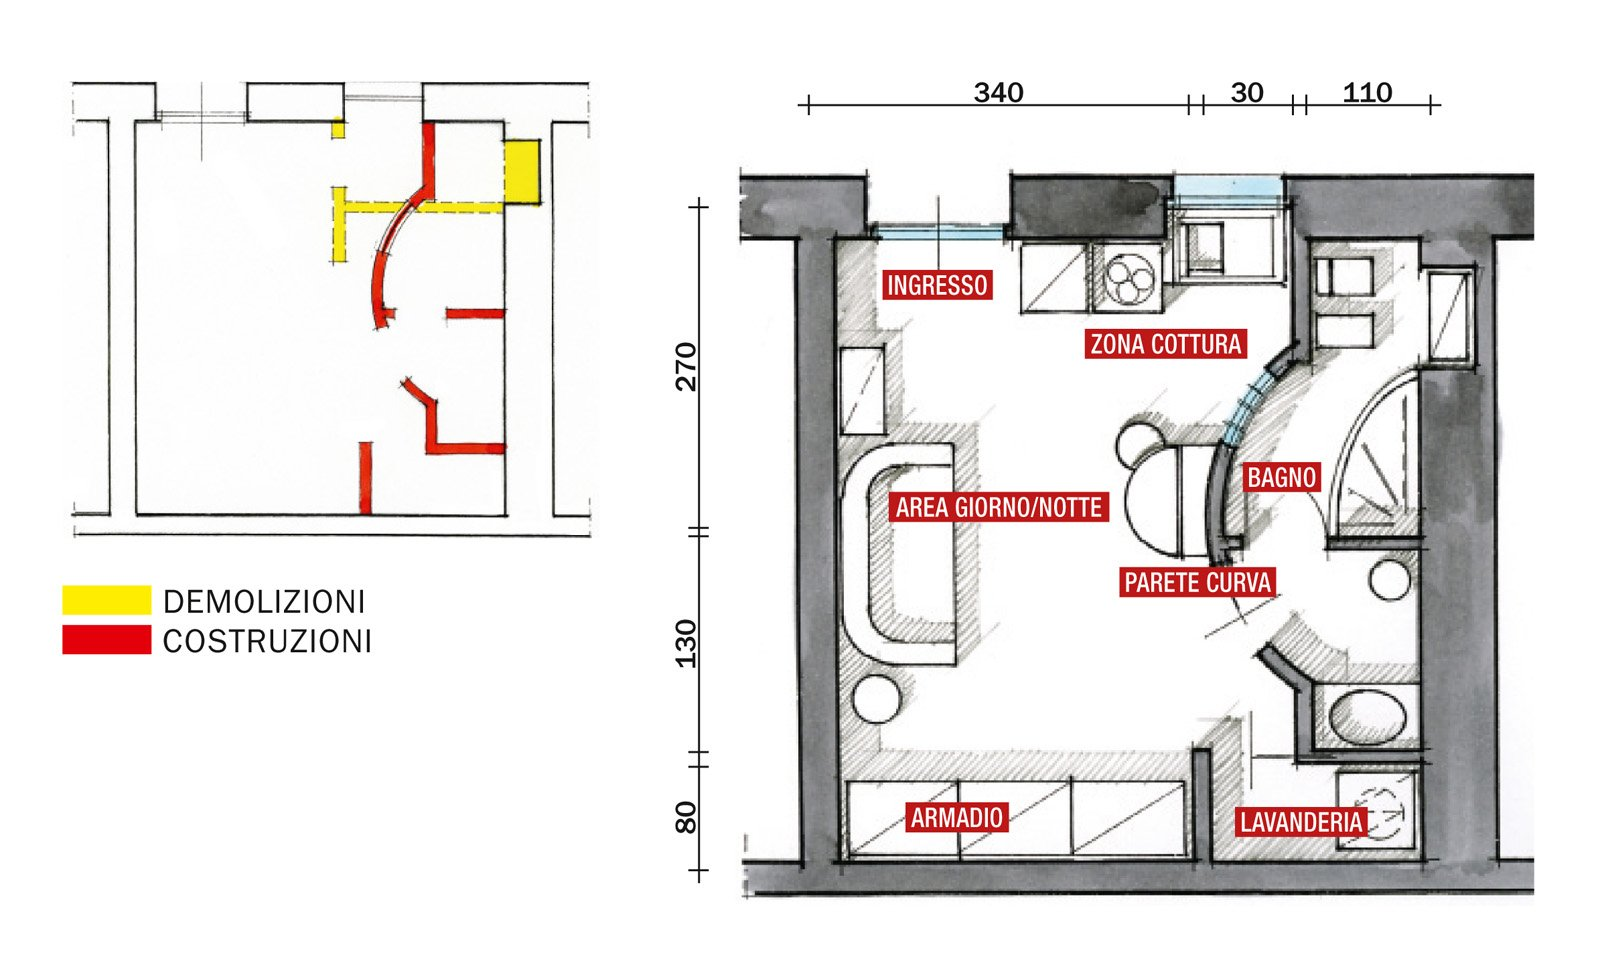 Monolocale di 25 mq con soluzioni salvaspazio cose di casa for Esempi di disegni di planimetrie della casa